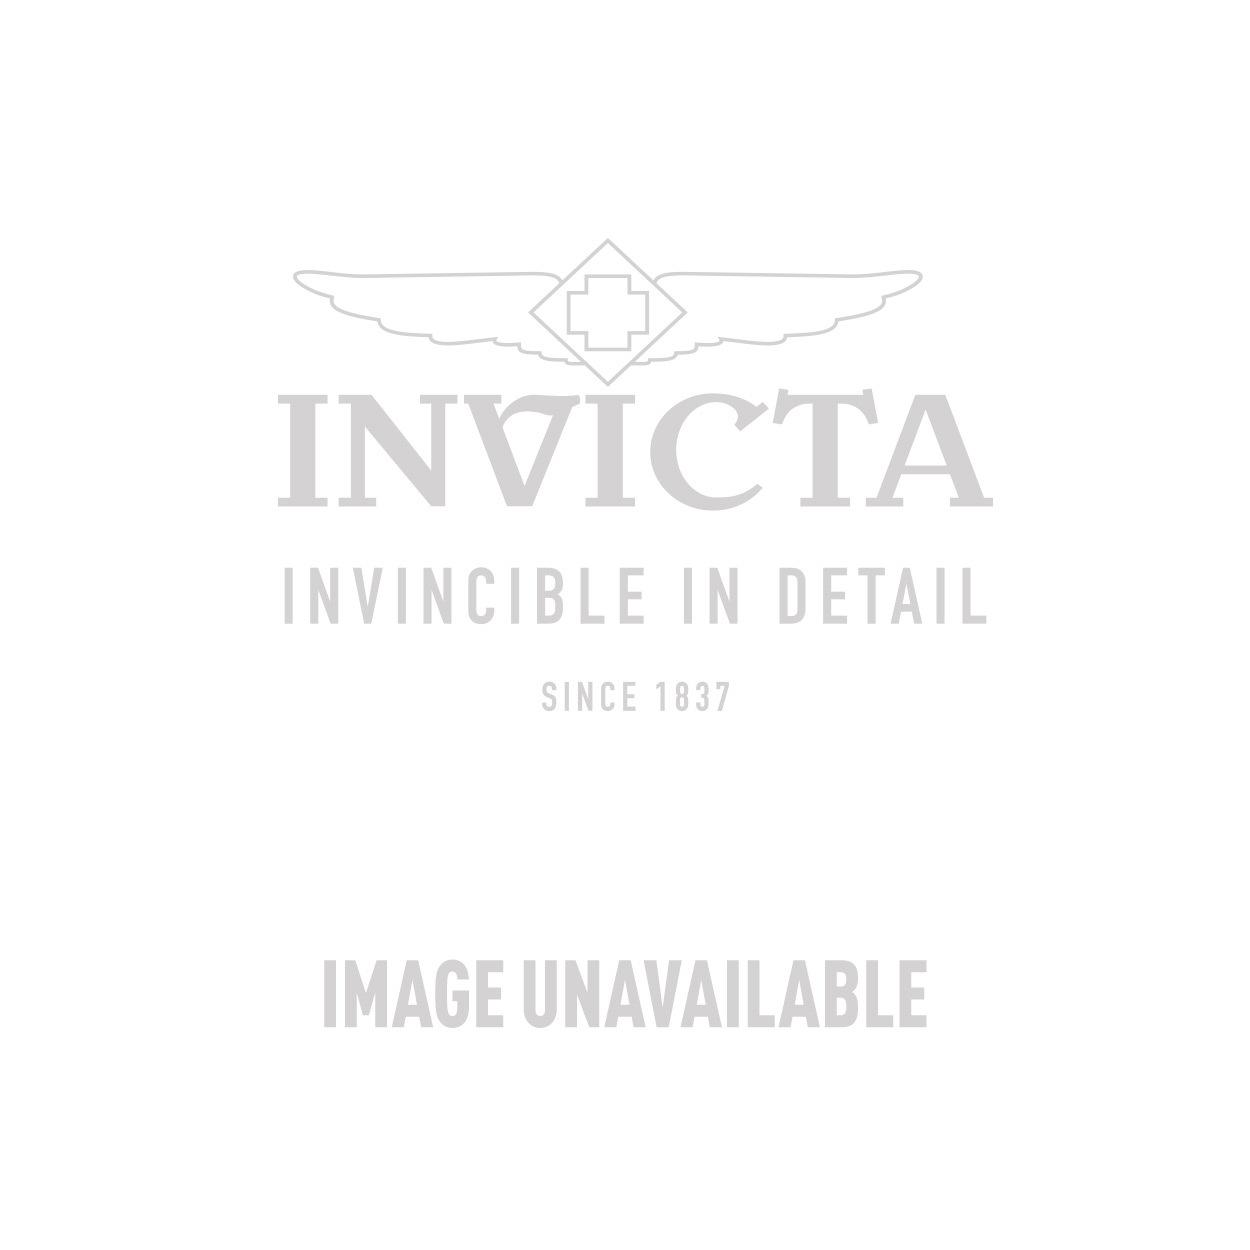 Invicta Model 27506